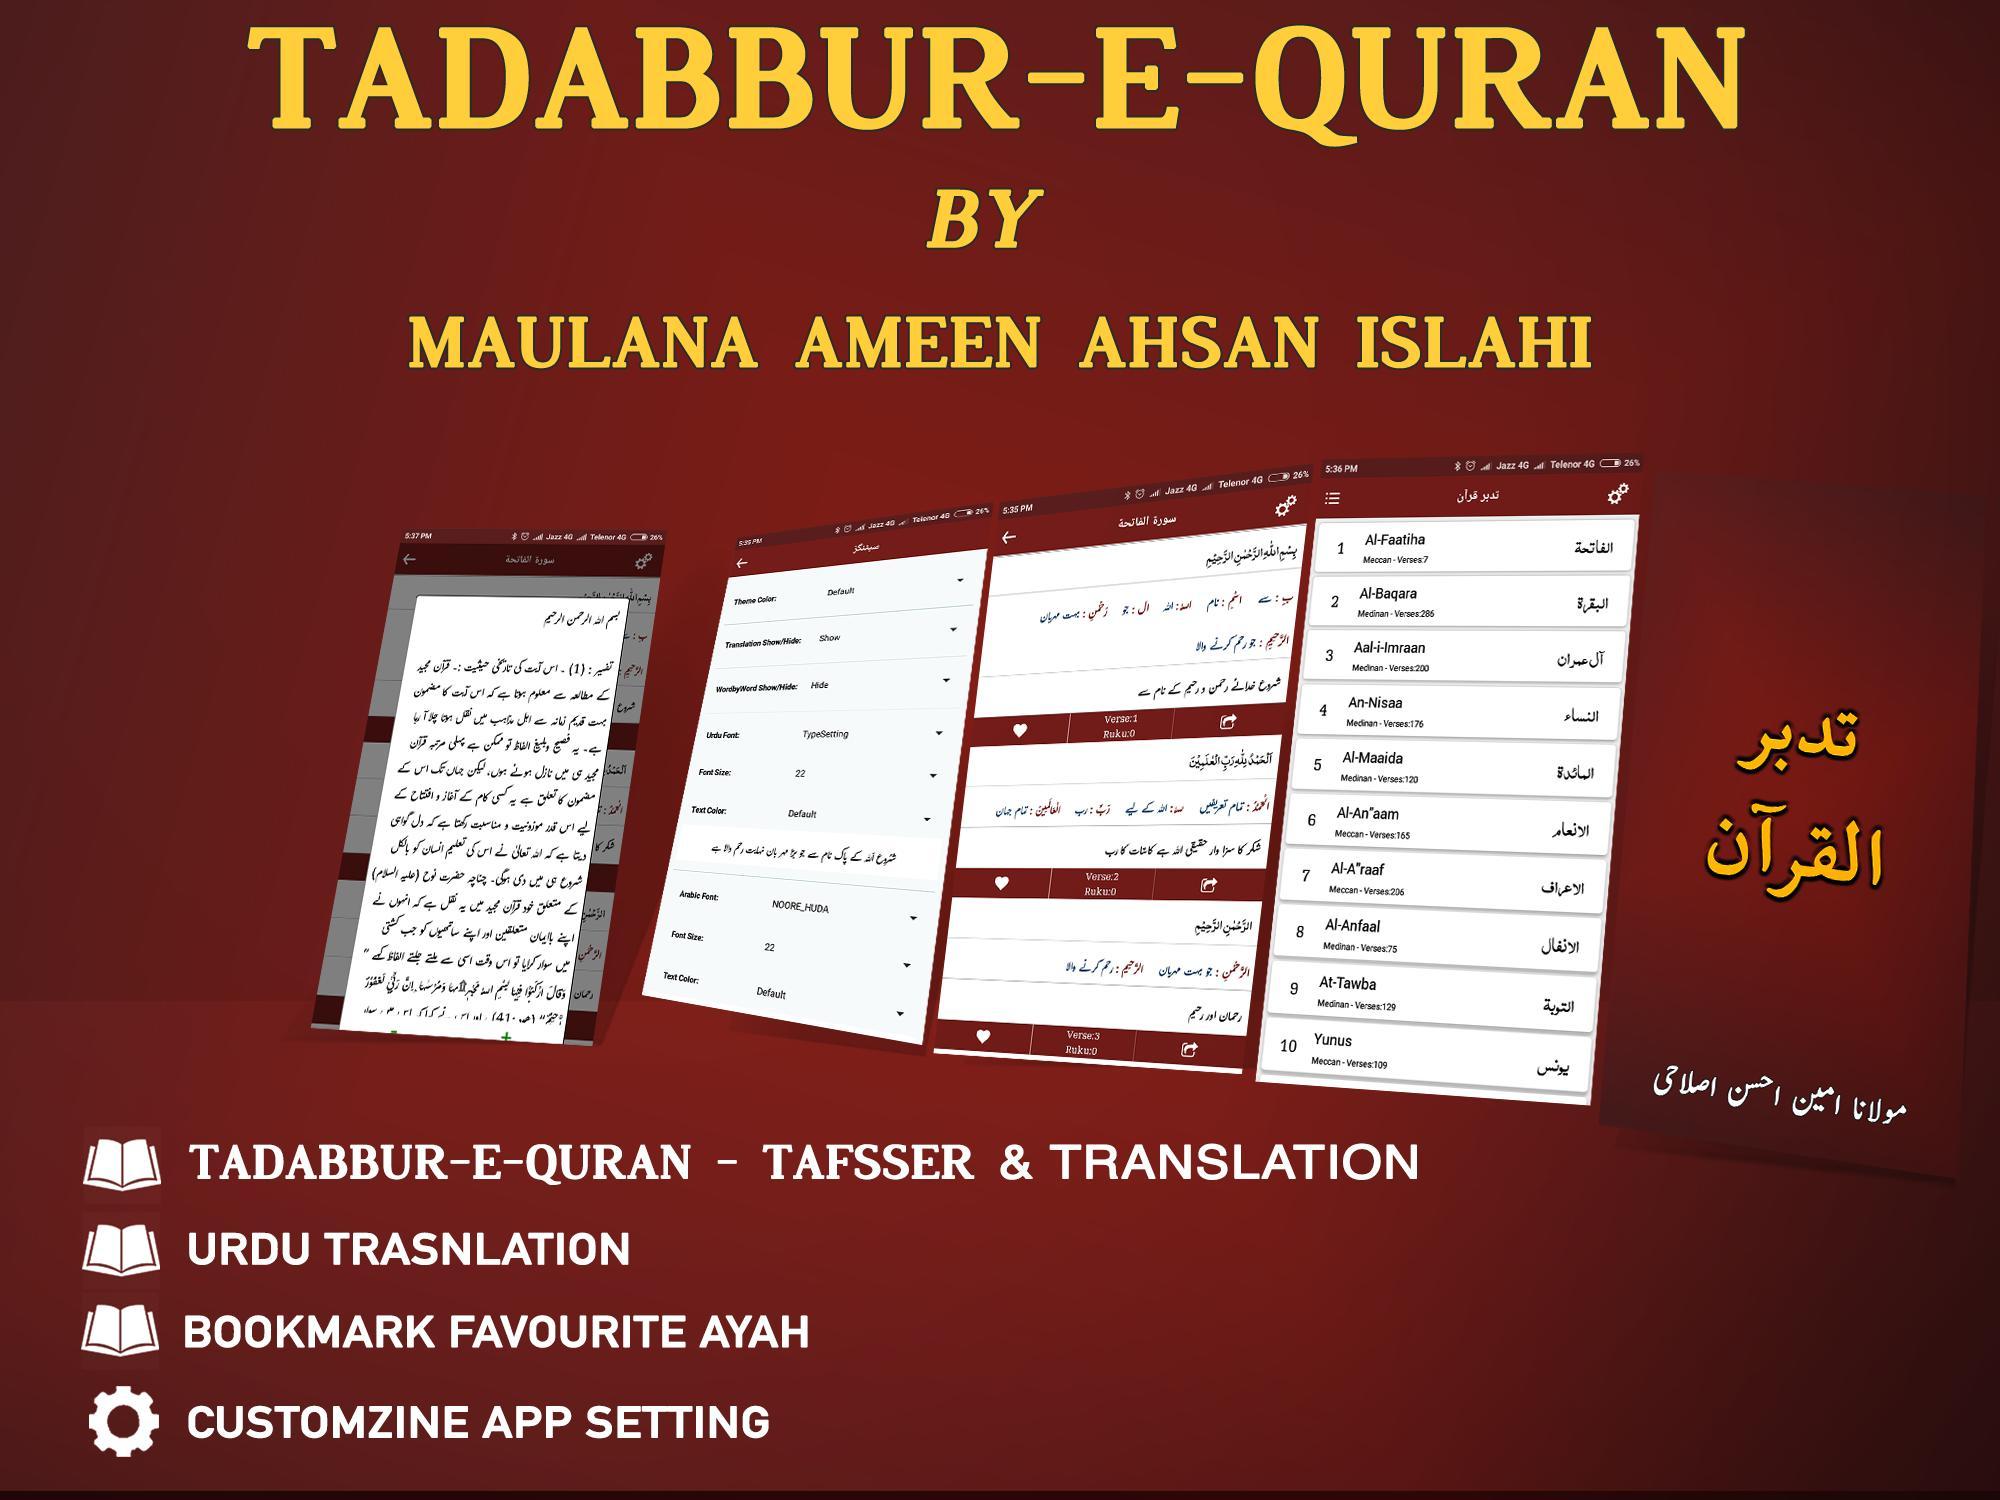 Tadabbur-e-Quran - Quran Translation URDU - تفسیر for